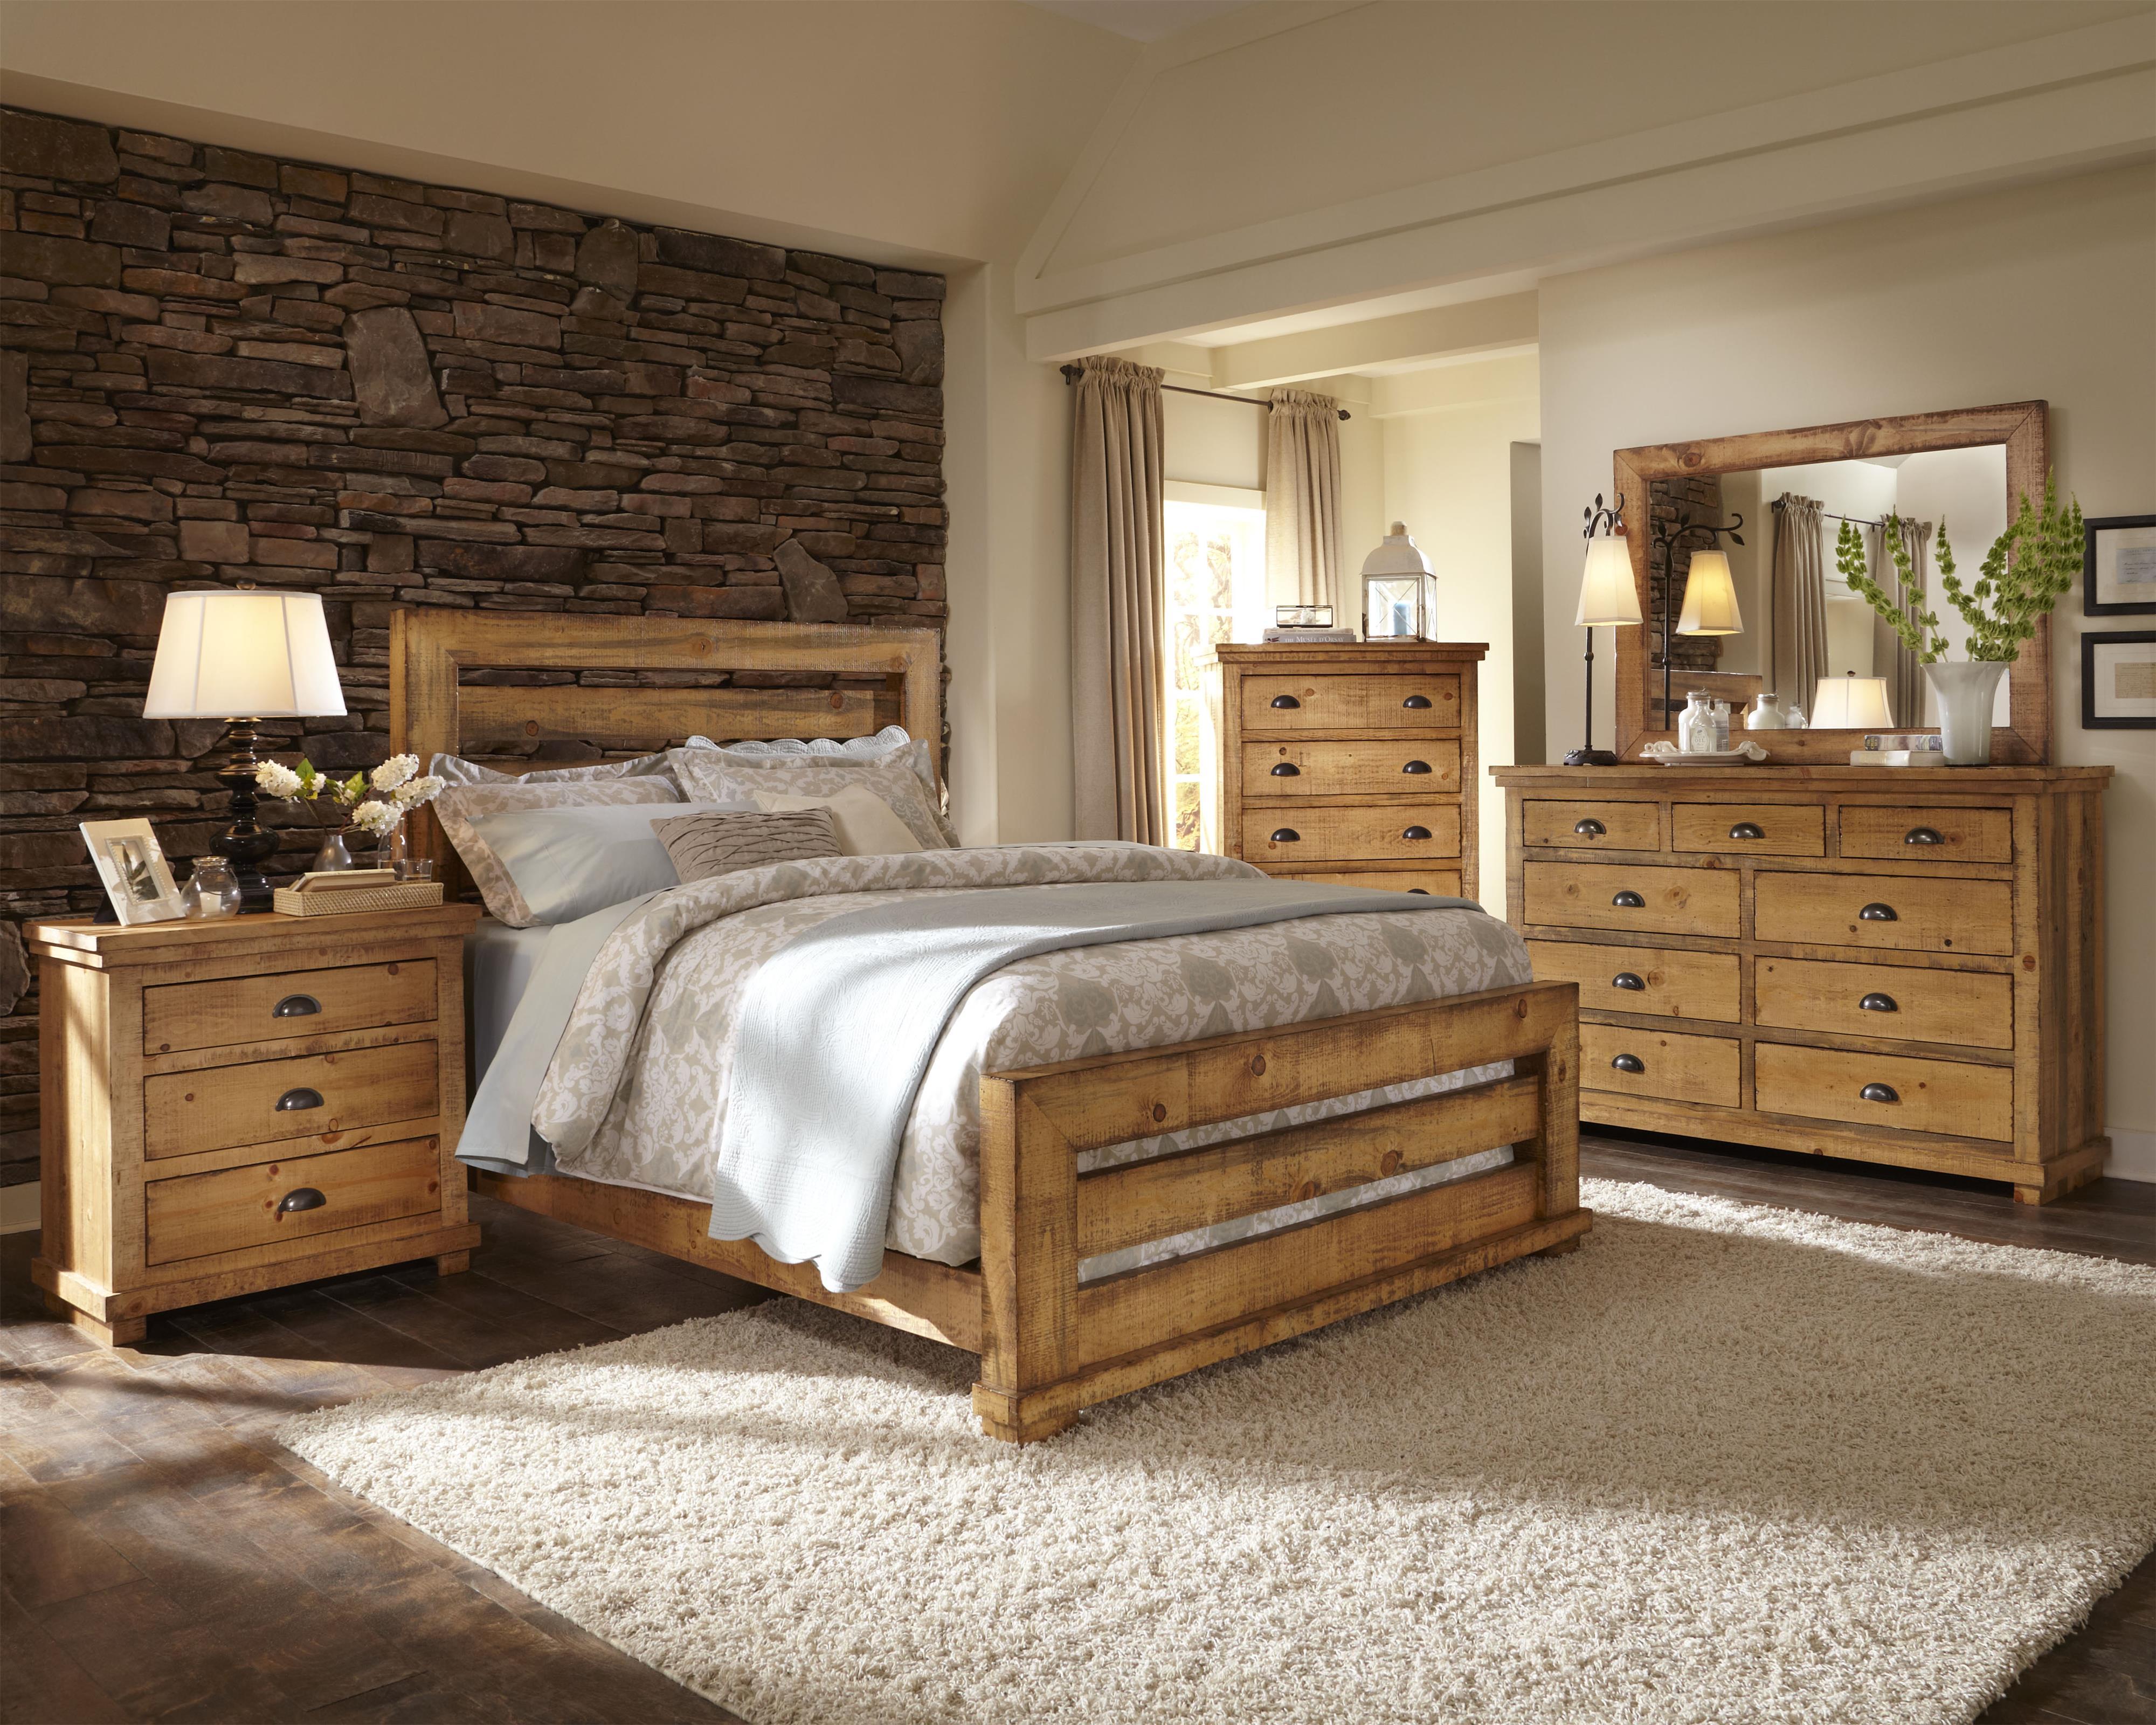 Progressive Furniture Willow Queen Bedroom Group - Item Number: P608 Q  Bedroom Group 1